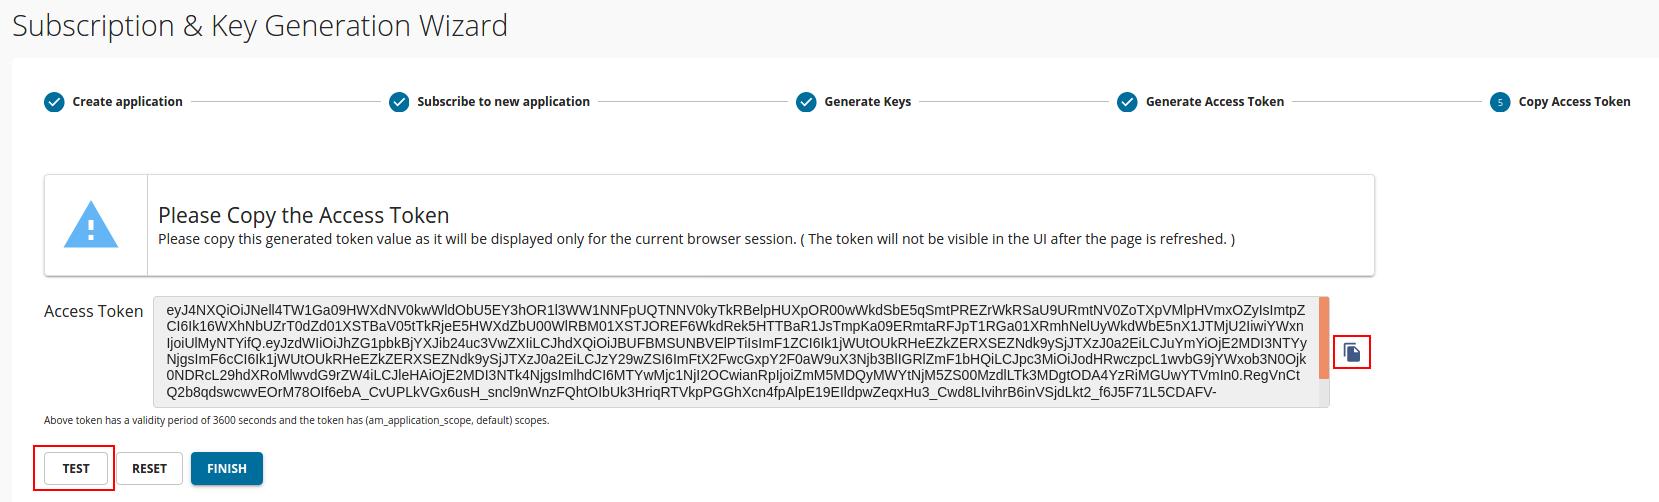 Copy access token